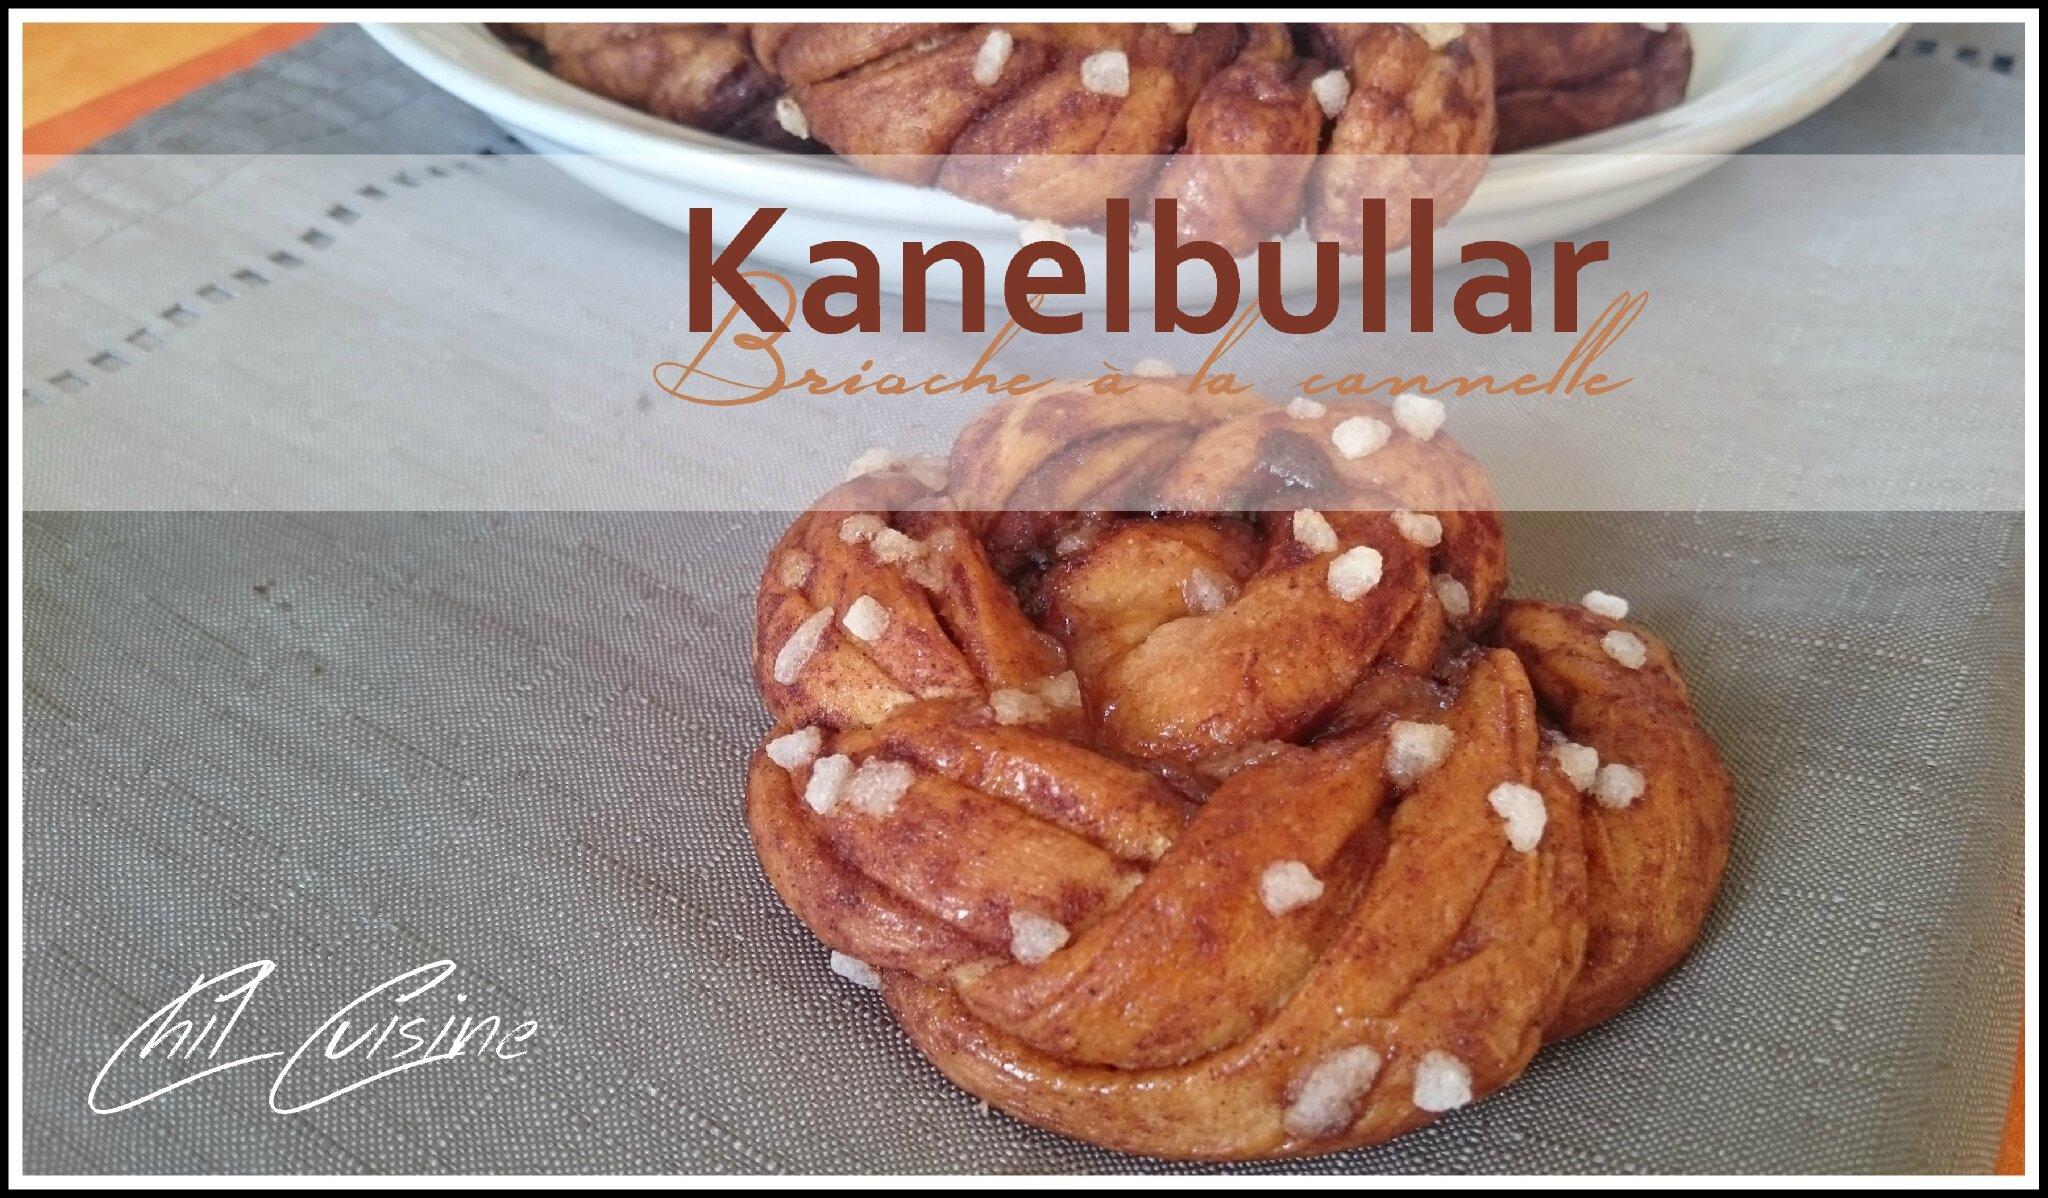 Kanelbullar (pain brioché à la cannelle)